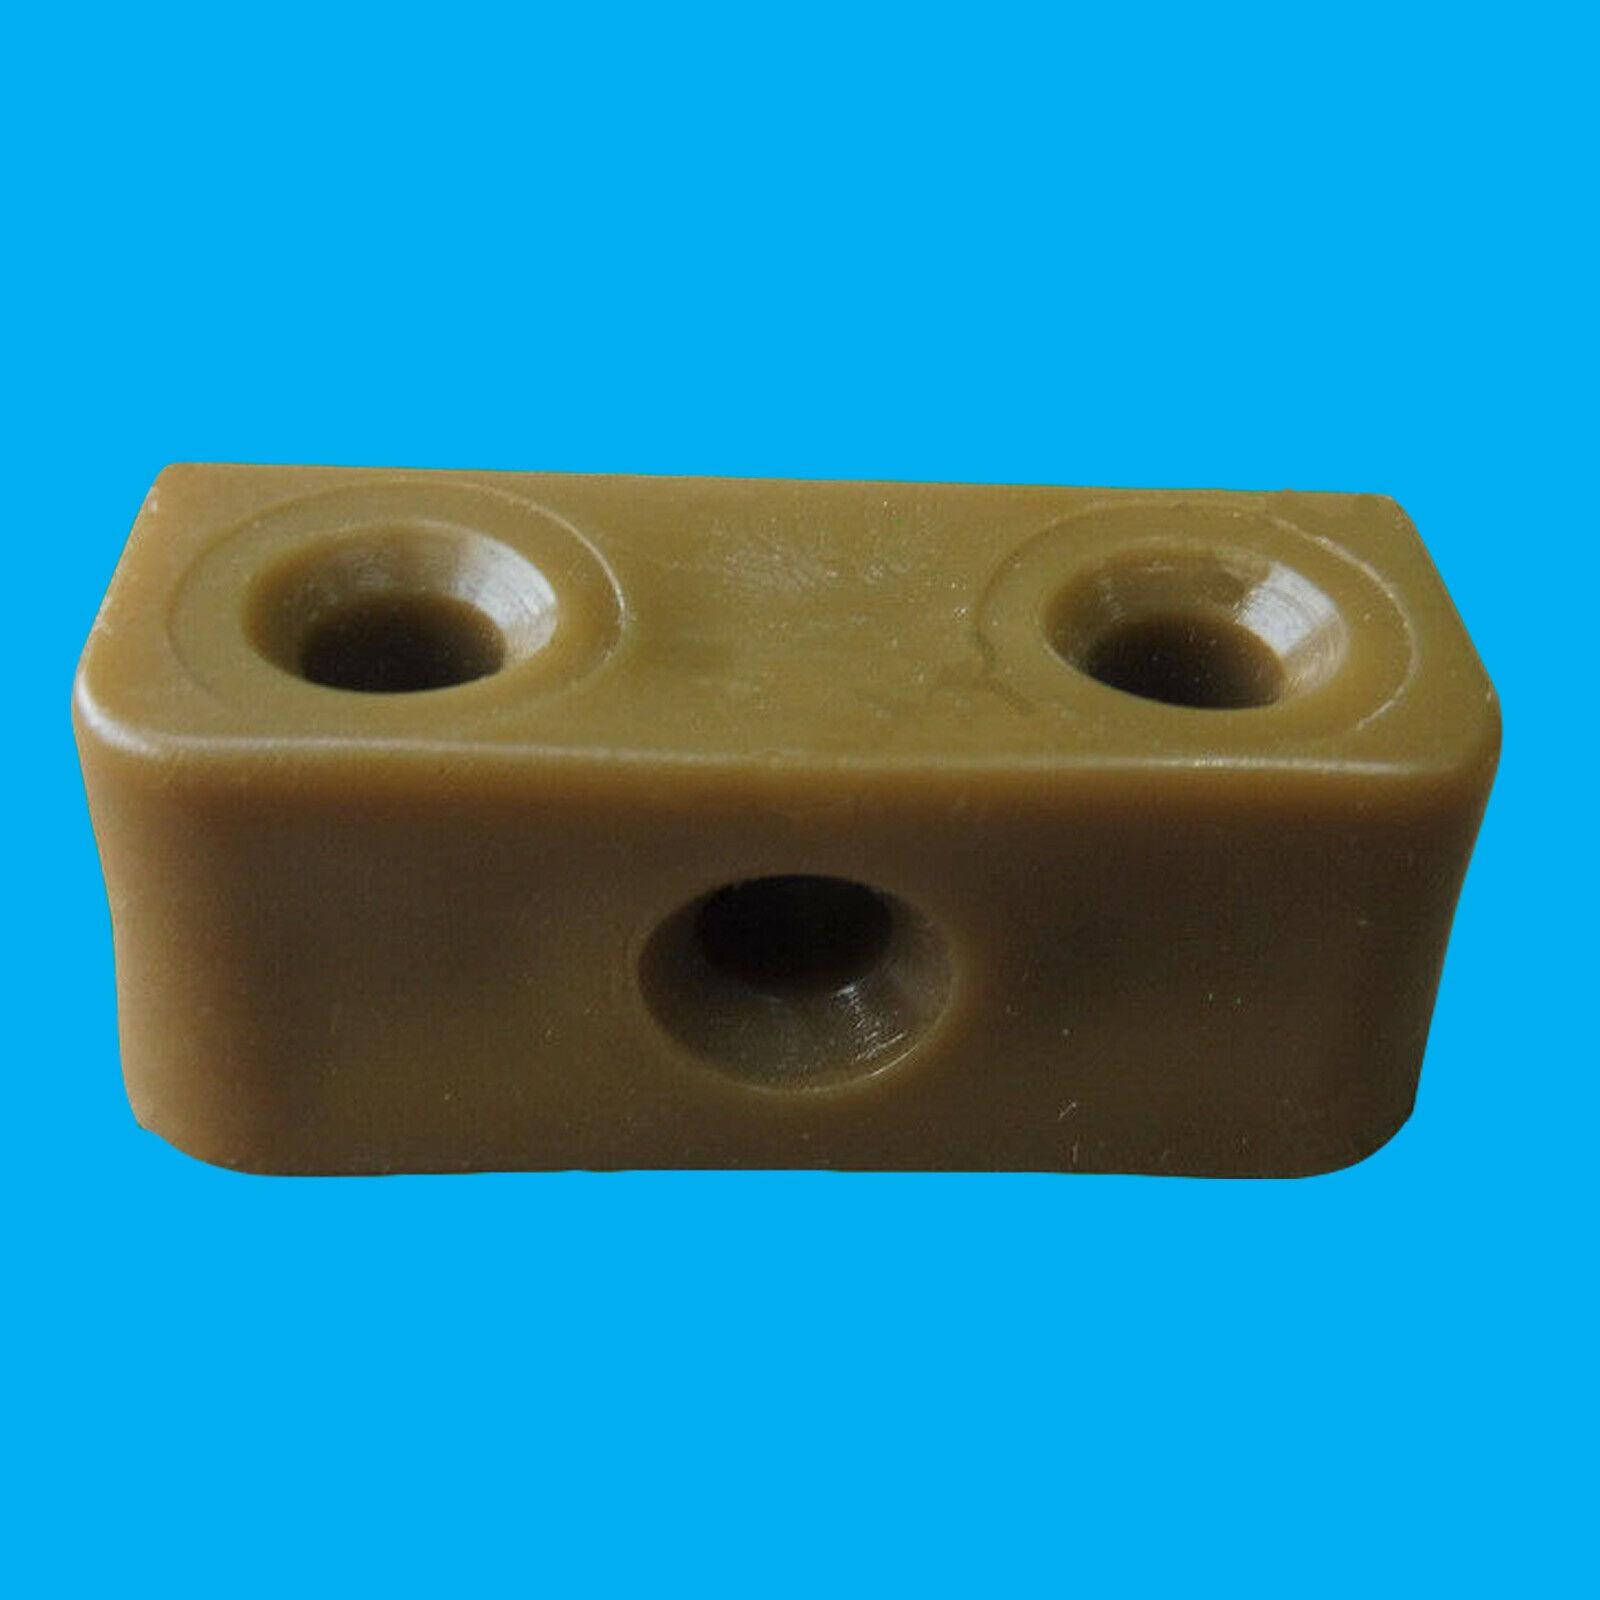 FURNITURE CUPBOARDS 36mm x 7mm TAP-IN QUICKFIT TITUS SERIES 5 RTA CAM DOWELS